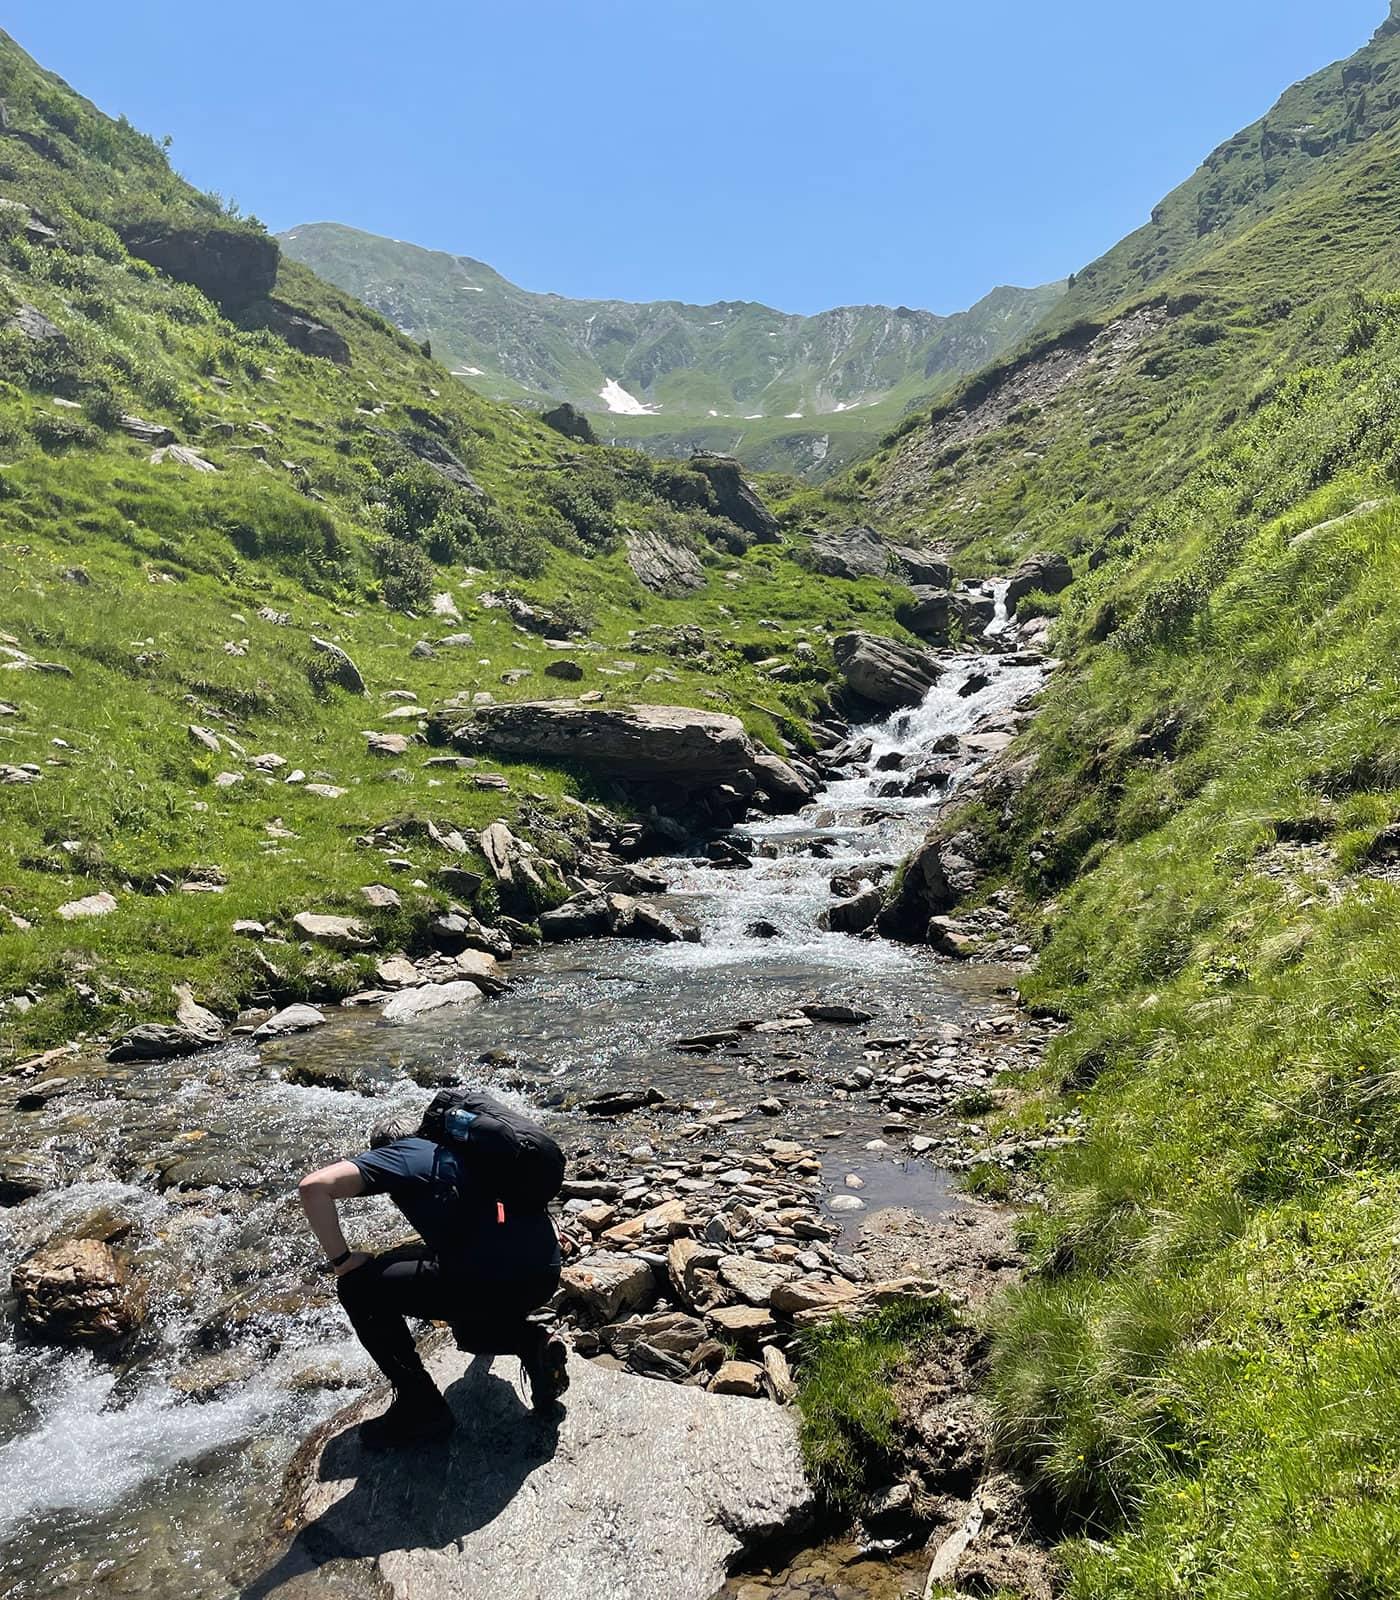 Bergurlaub in Südtirol: Family Resort & Spa in den Alpen // HIMBEER